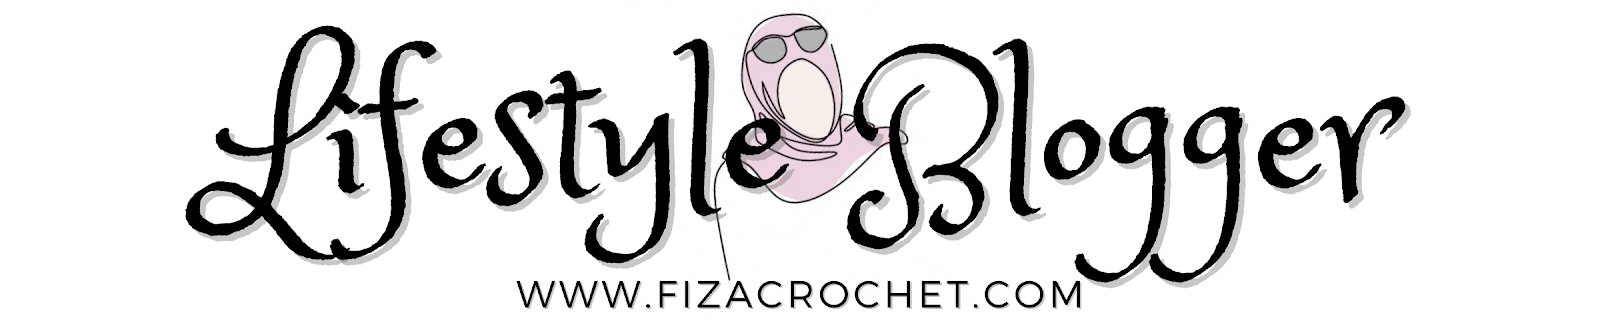 fizacrochet | Lifestyle Blogger Dengan Pelbagai Cerita